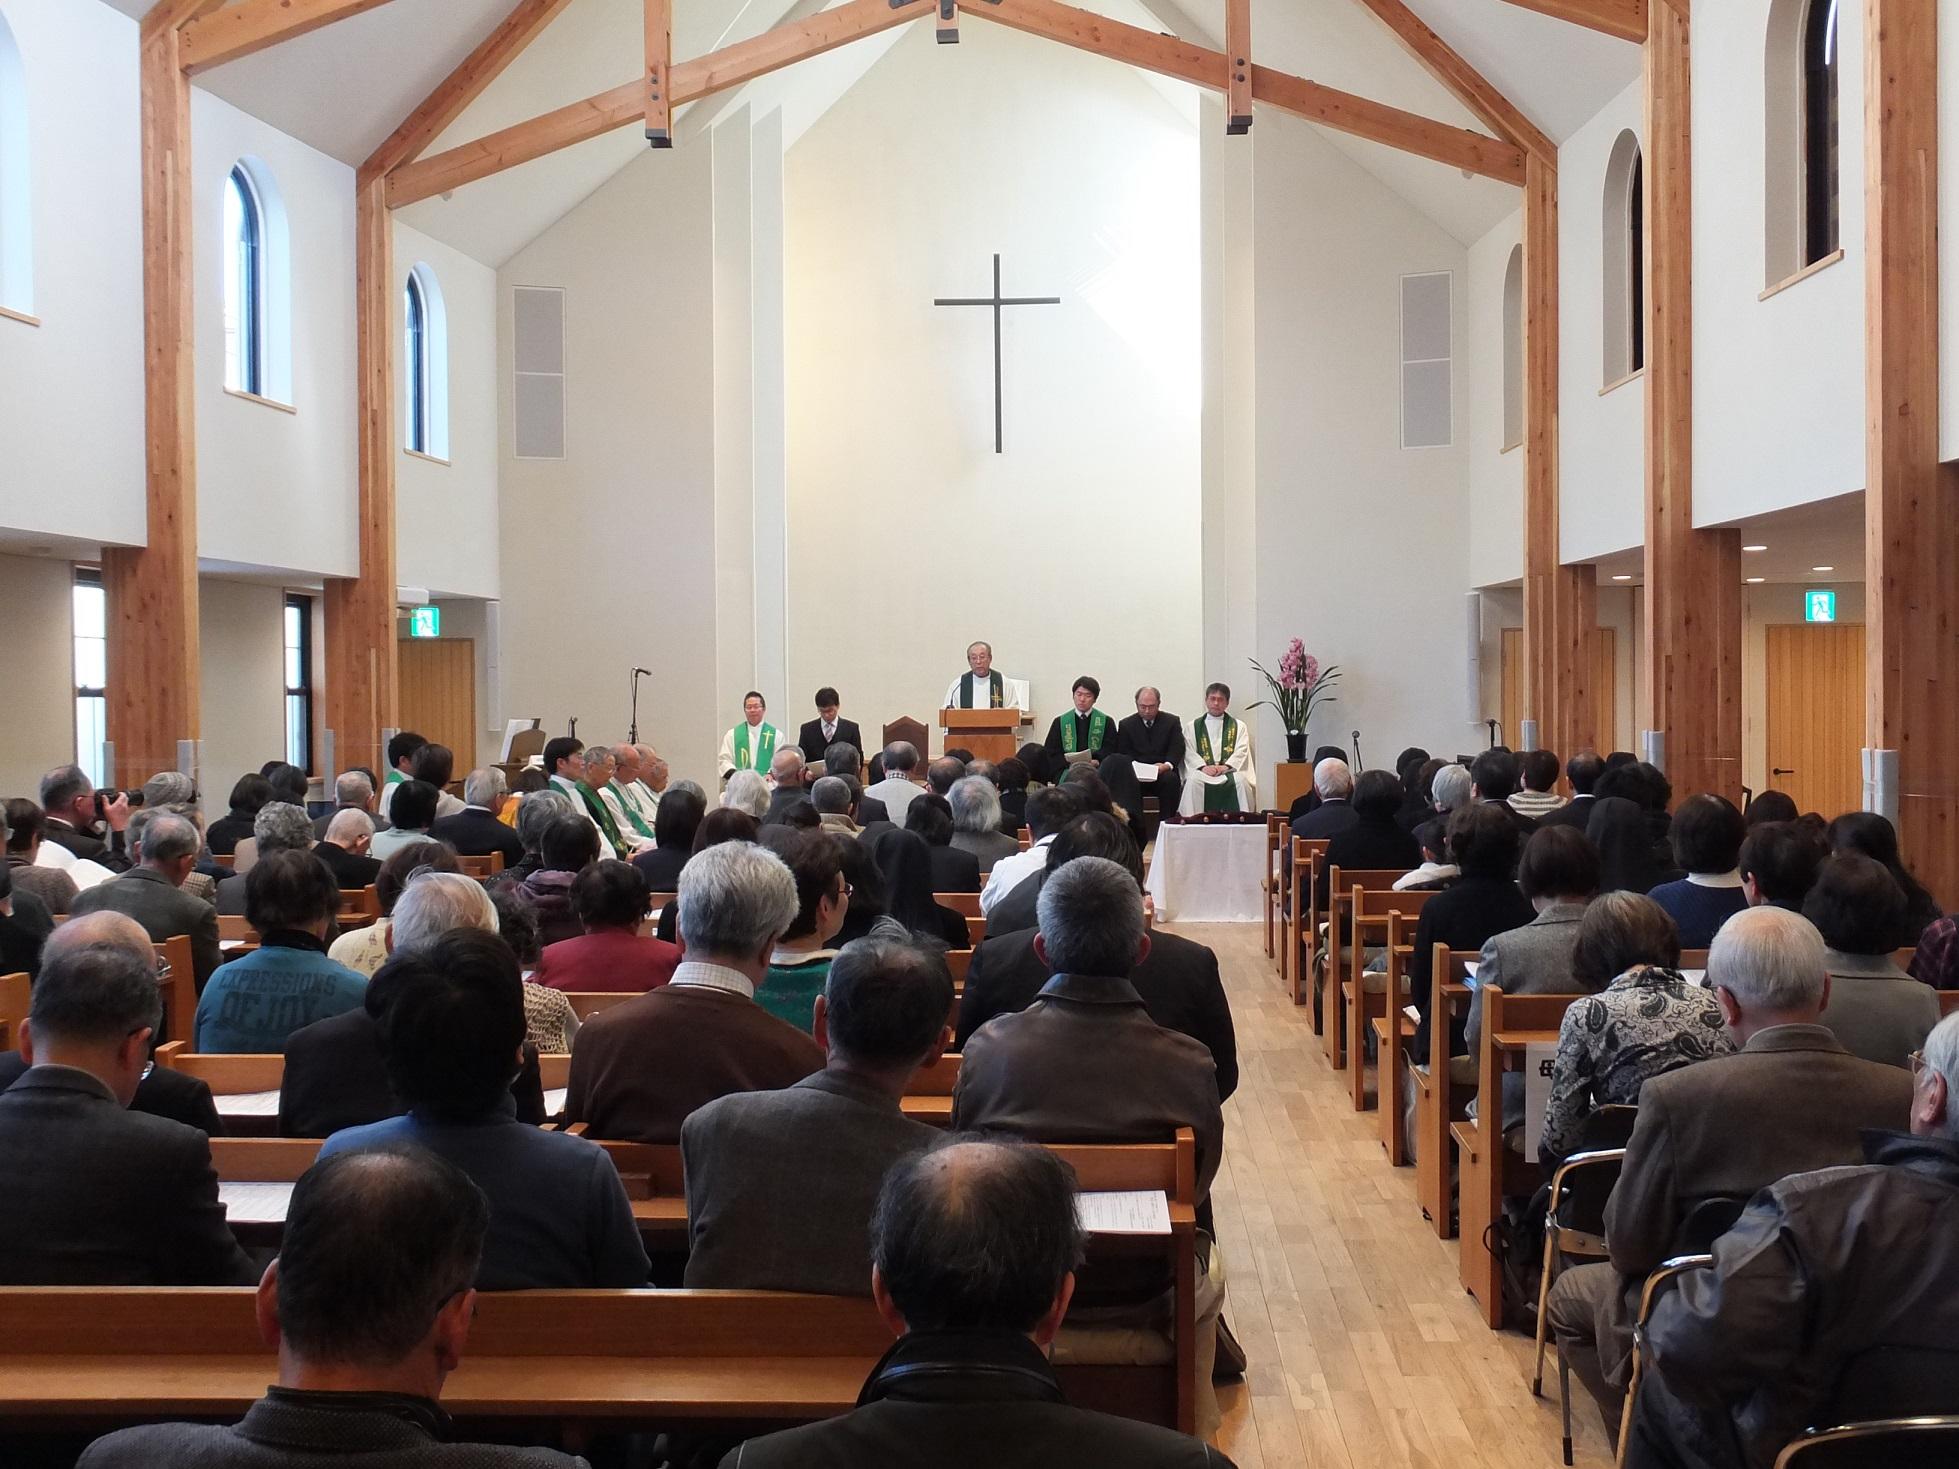 2014.1.19 長崎キリスト教一致祈祷の集い DSCF0964